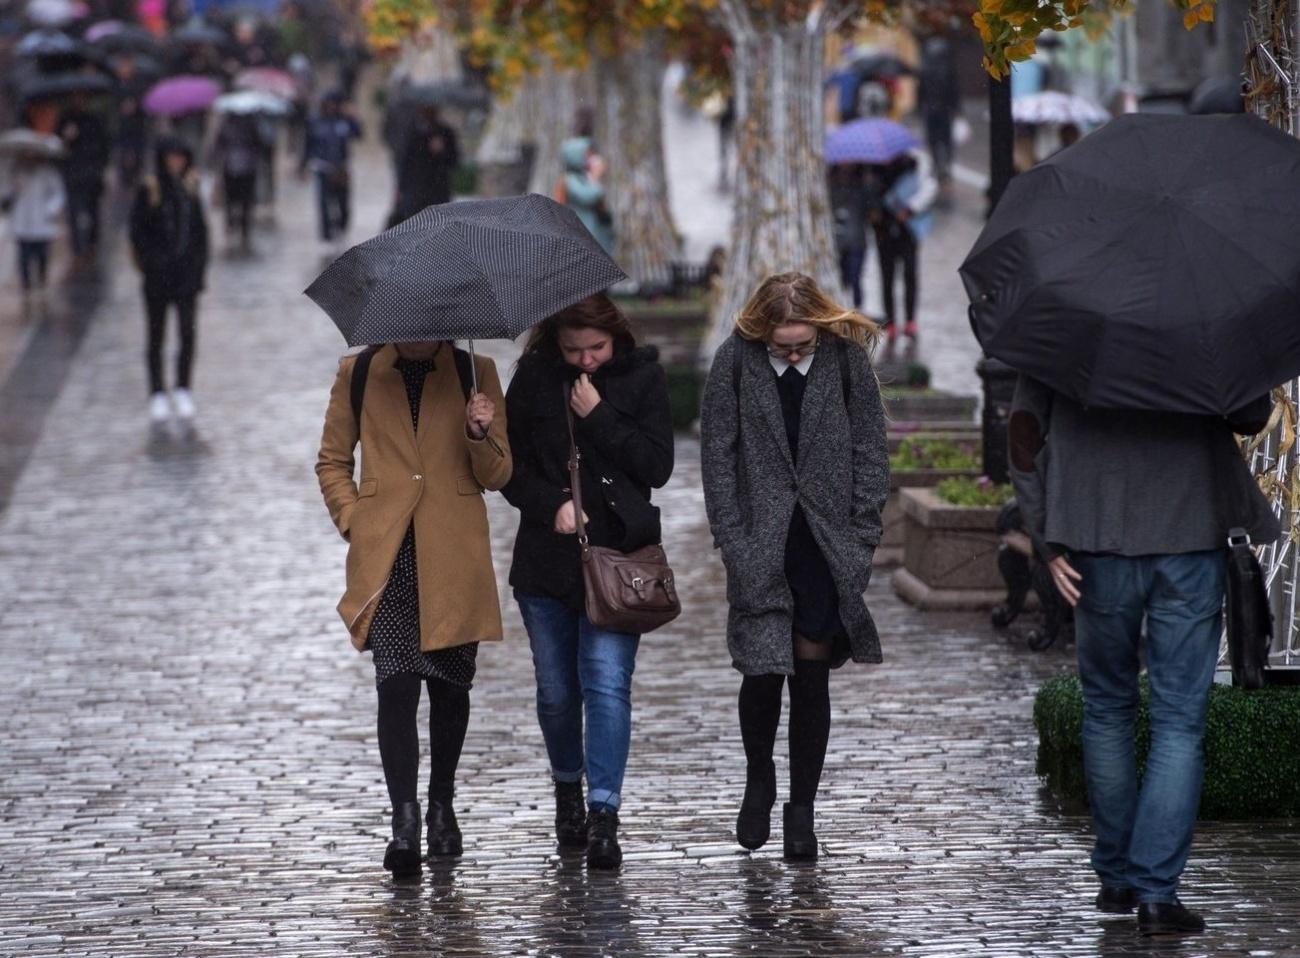 фальшивые гривны что посмотреть в москве в дождливую погоду можете бесплатно